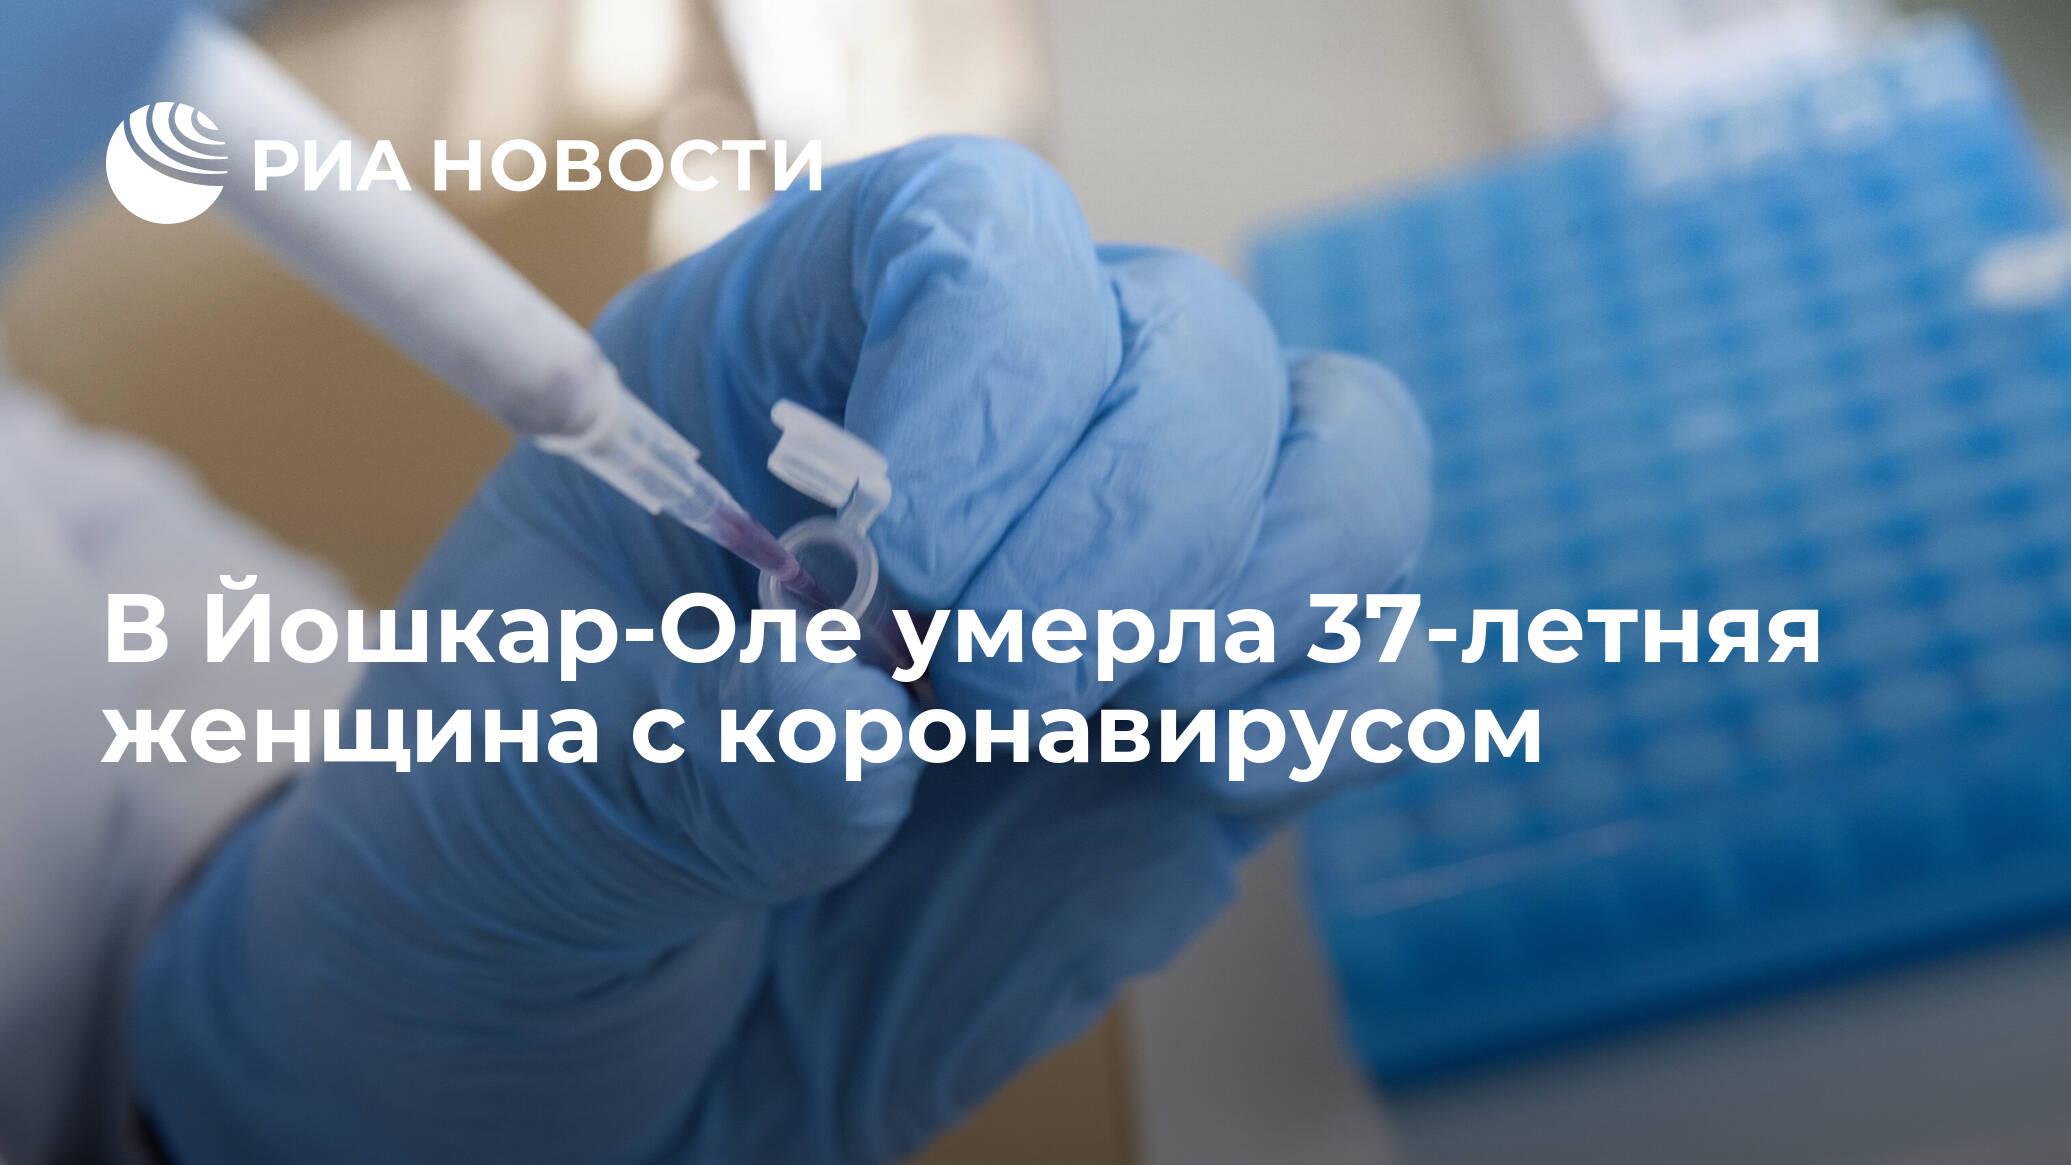 В Йошкар-Оле умерла 37-летняя женщина с коронавирусом